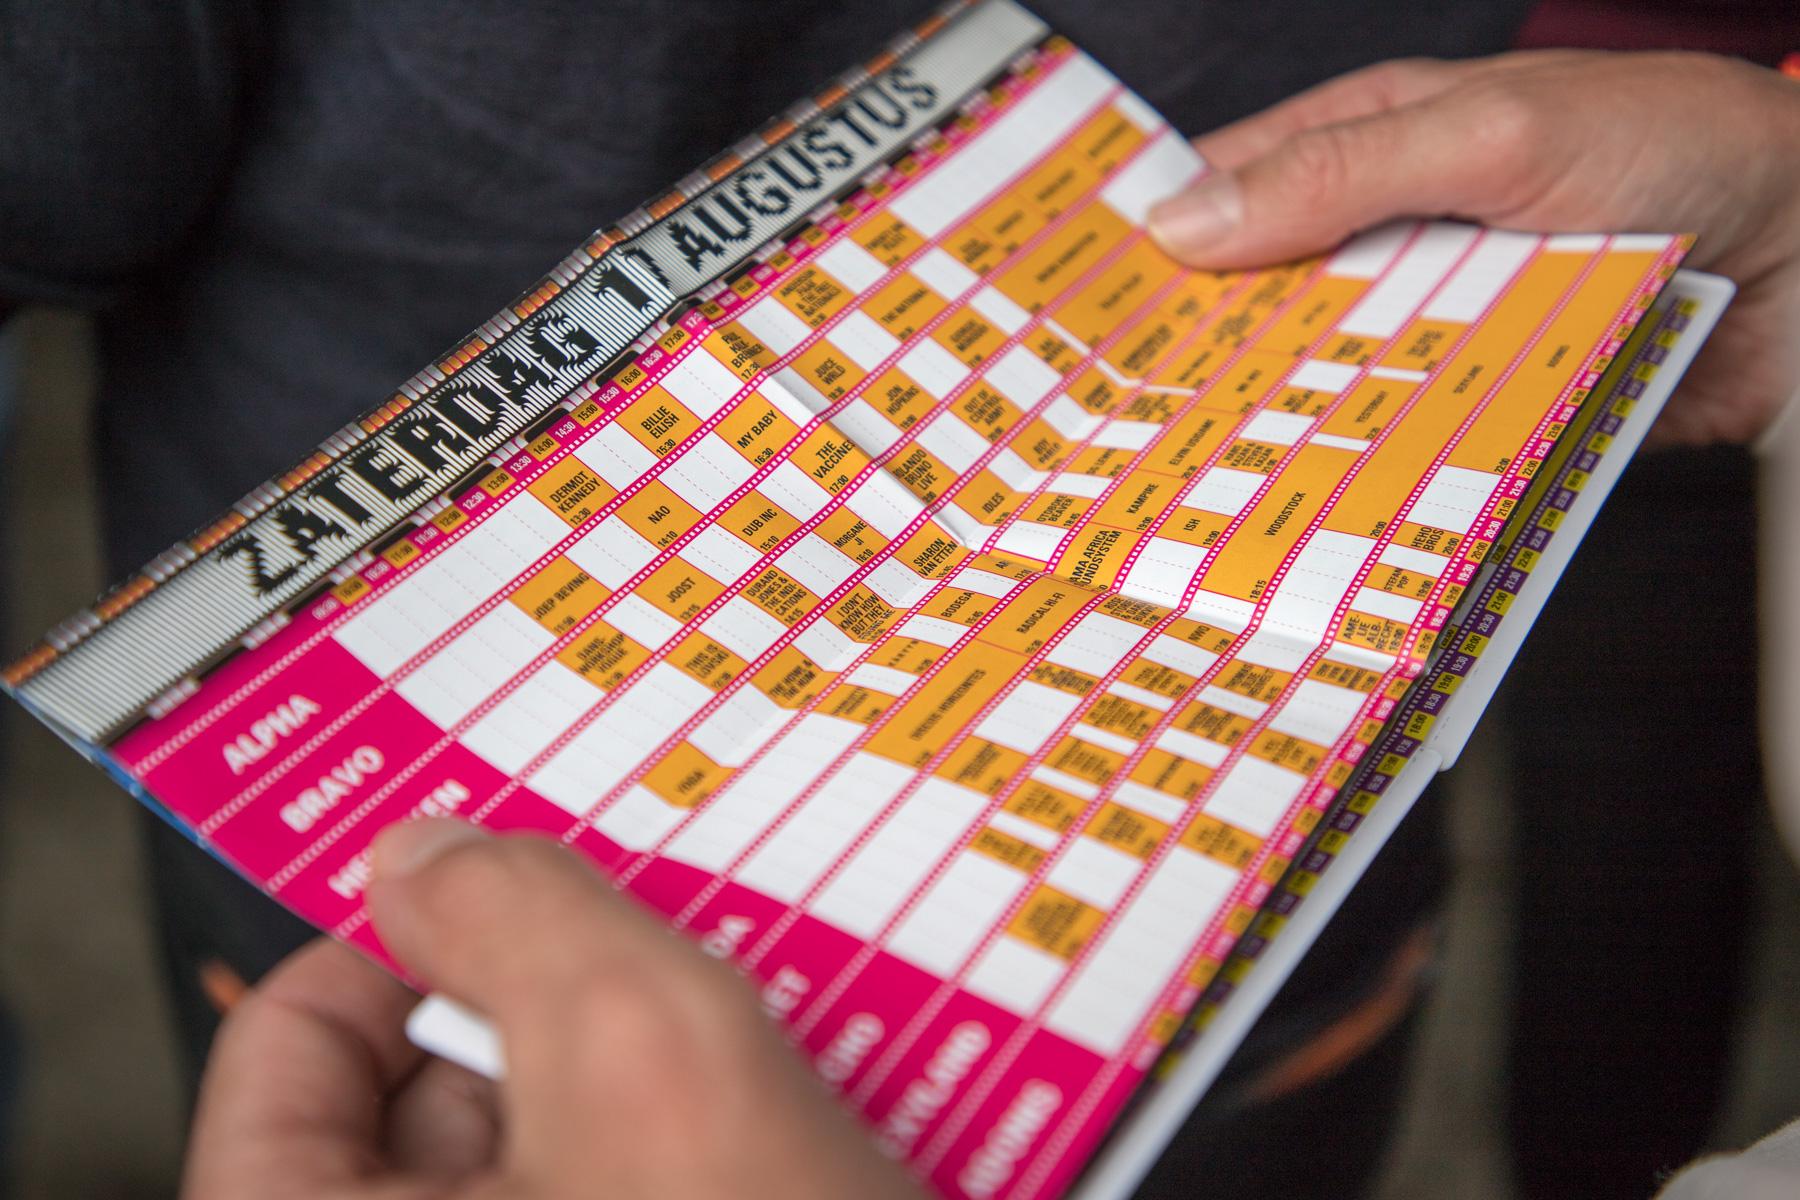 Lowlands maakt 55 namen bekend kort voor start kaartverkoop